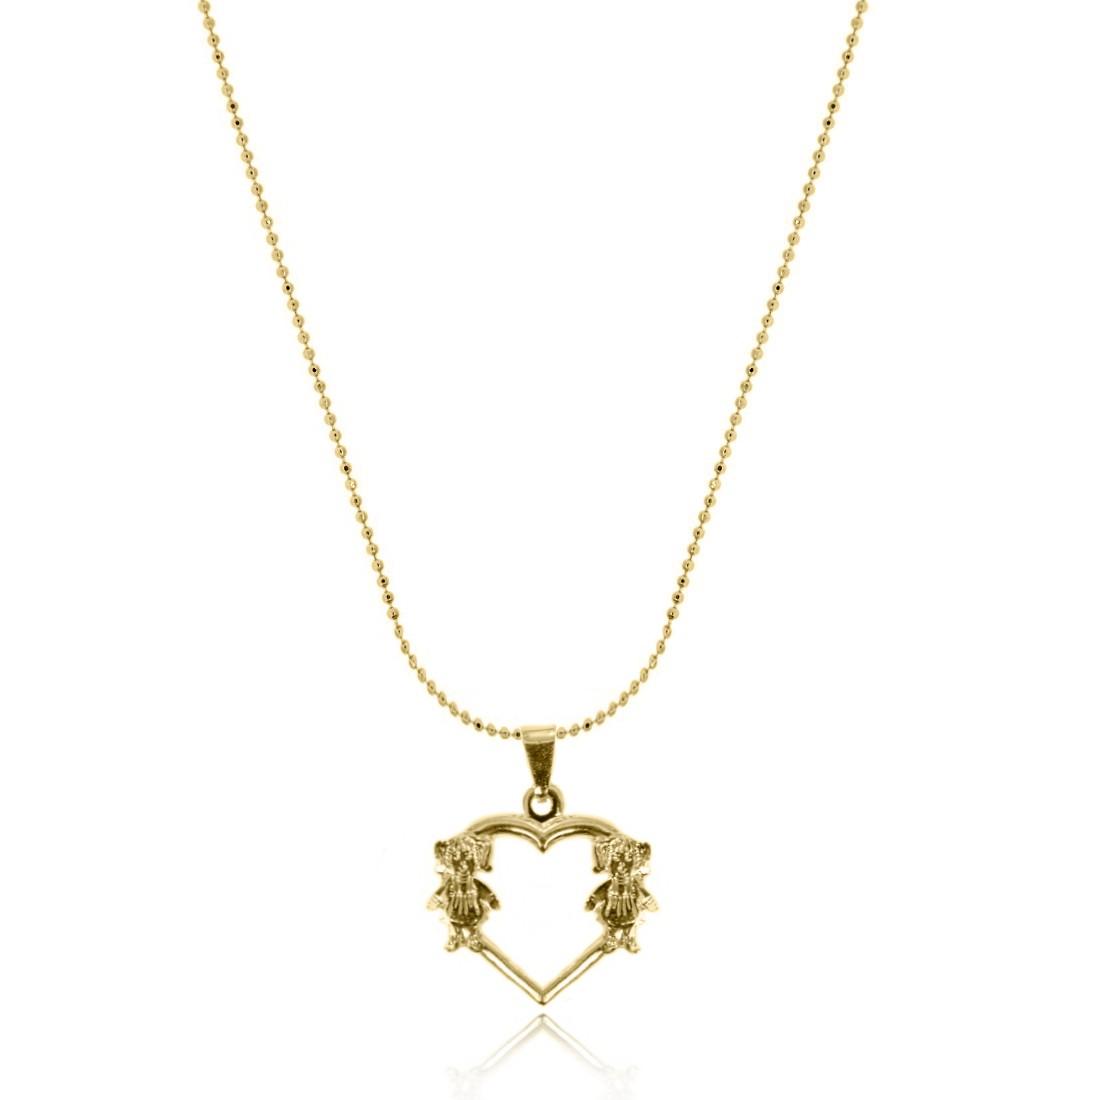 19bdbf4f900bd Gargantilha com Pingente de Coração com 2 Meninas Folheado a Ouro 18k